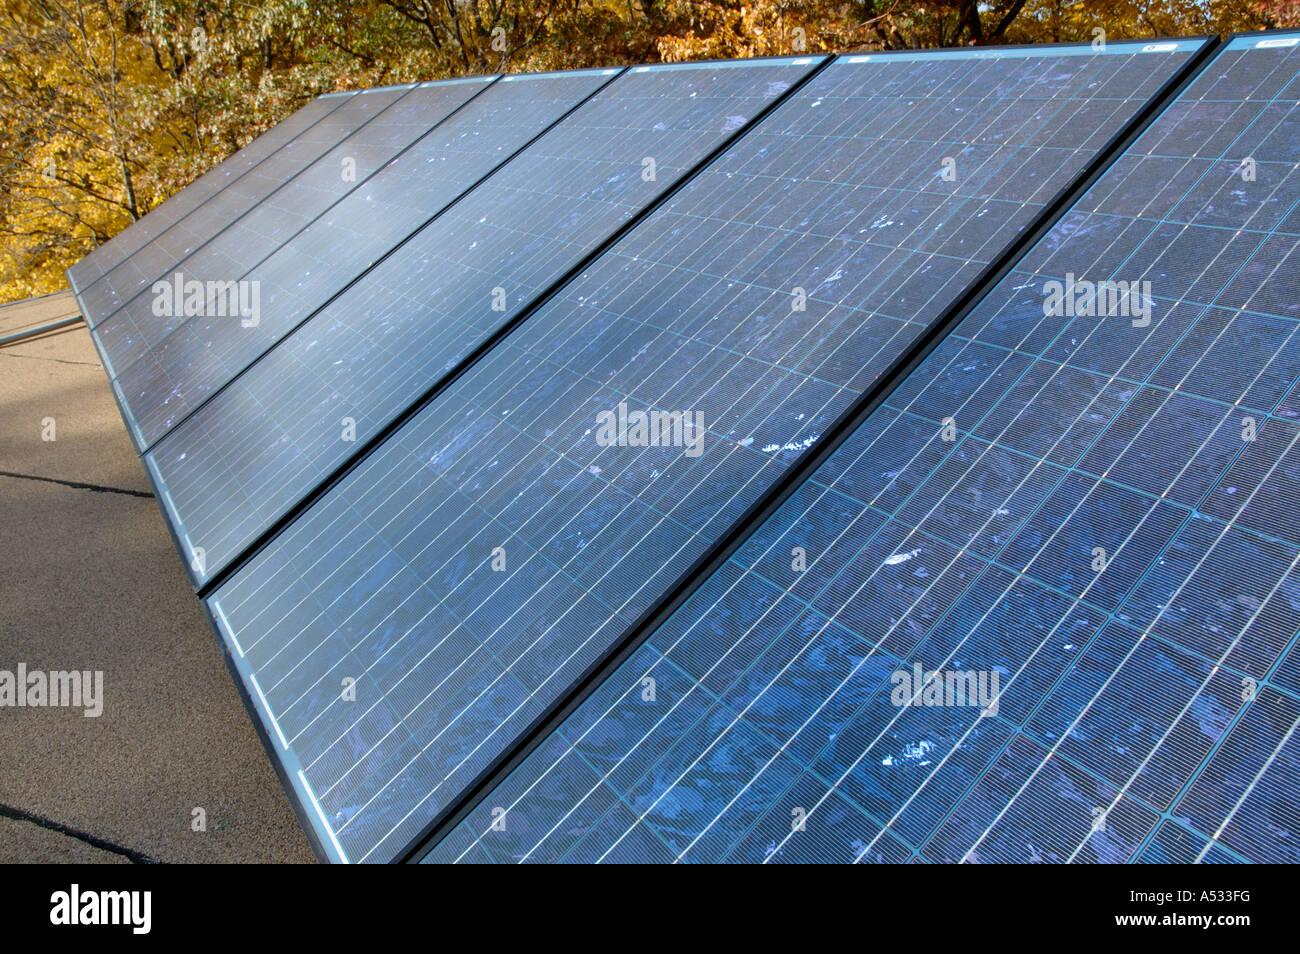 Matriz de paneles de energía solar fotovoltaica en el tejado de una casa Imagen De Stock